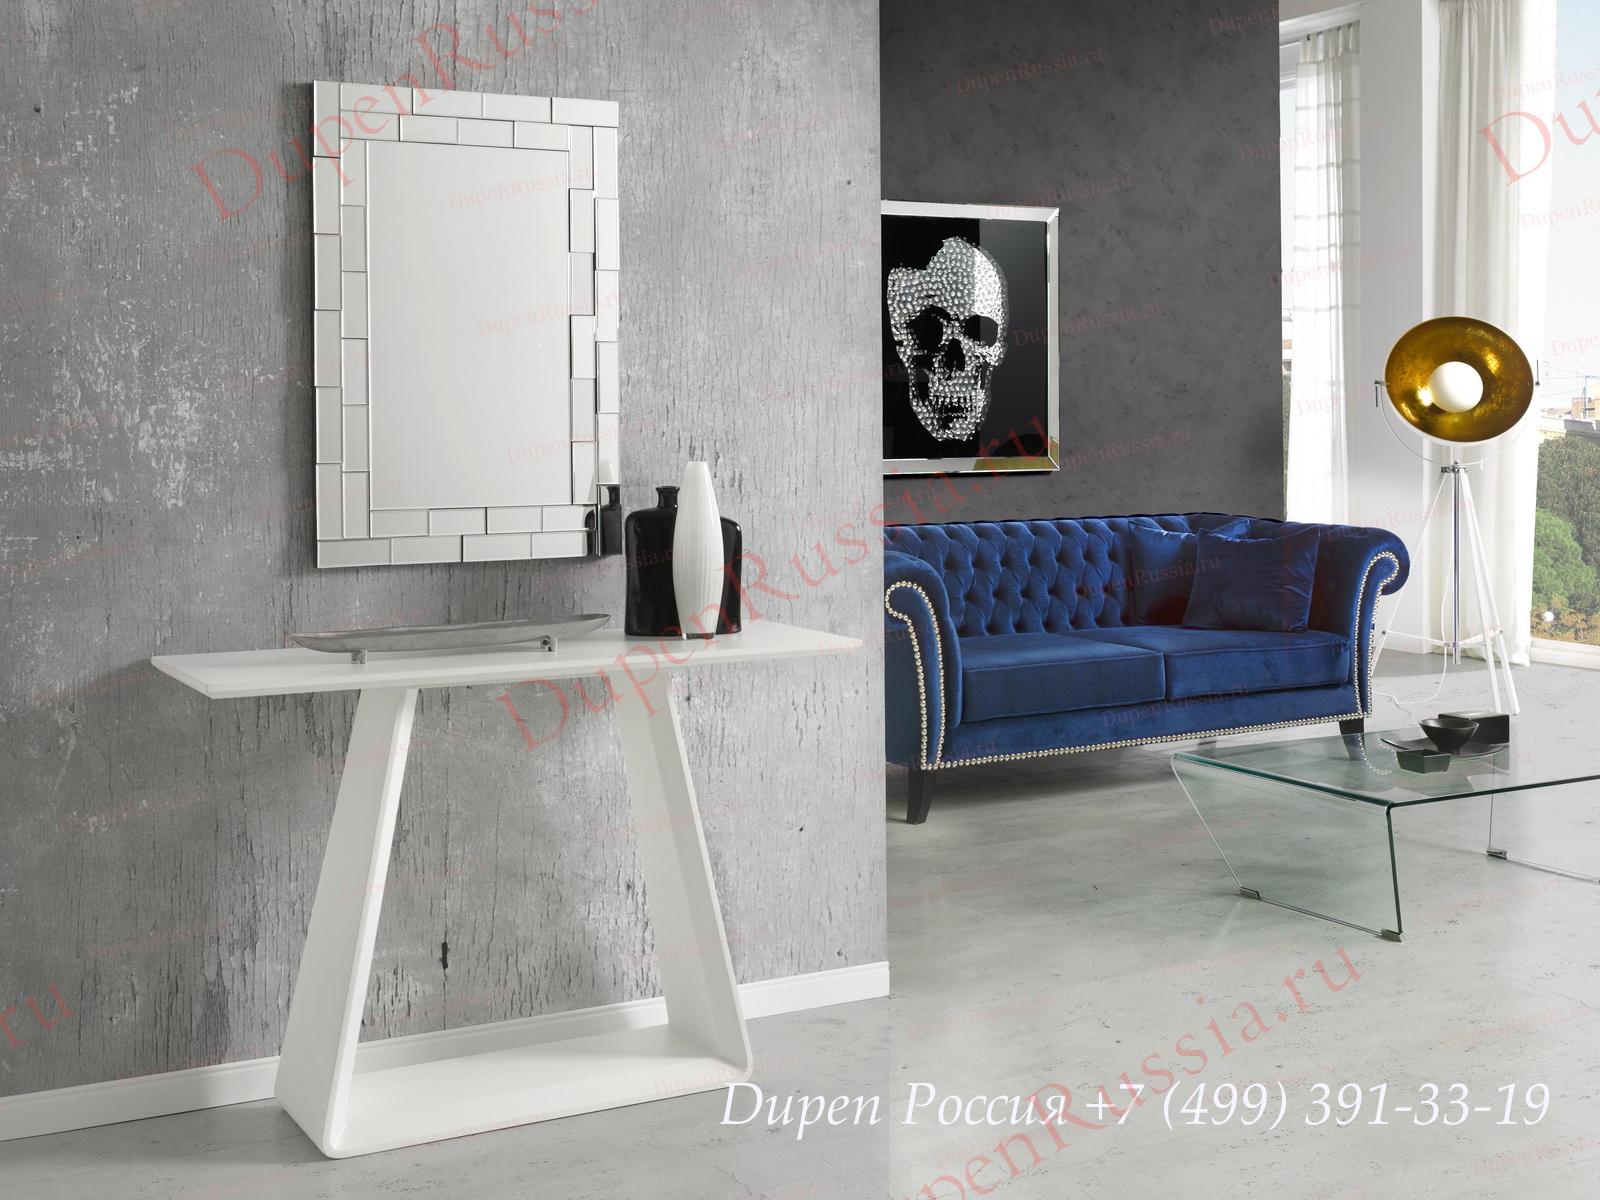 Зеркало DUPEN (Дюпен) E-116, консоль DUPEN CON-110